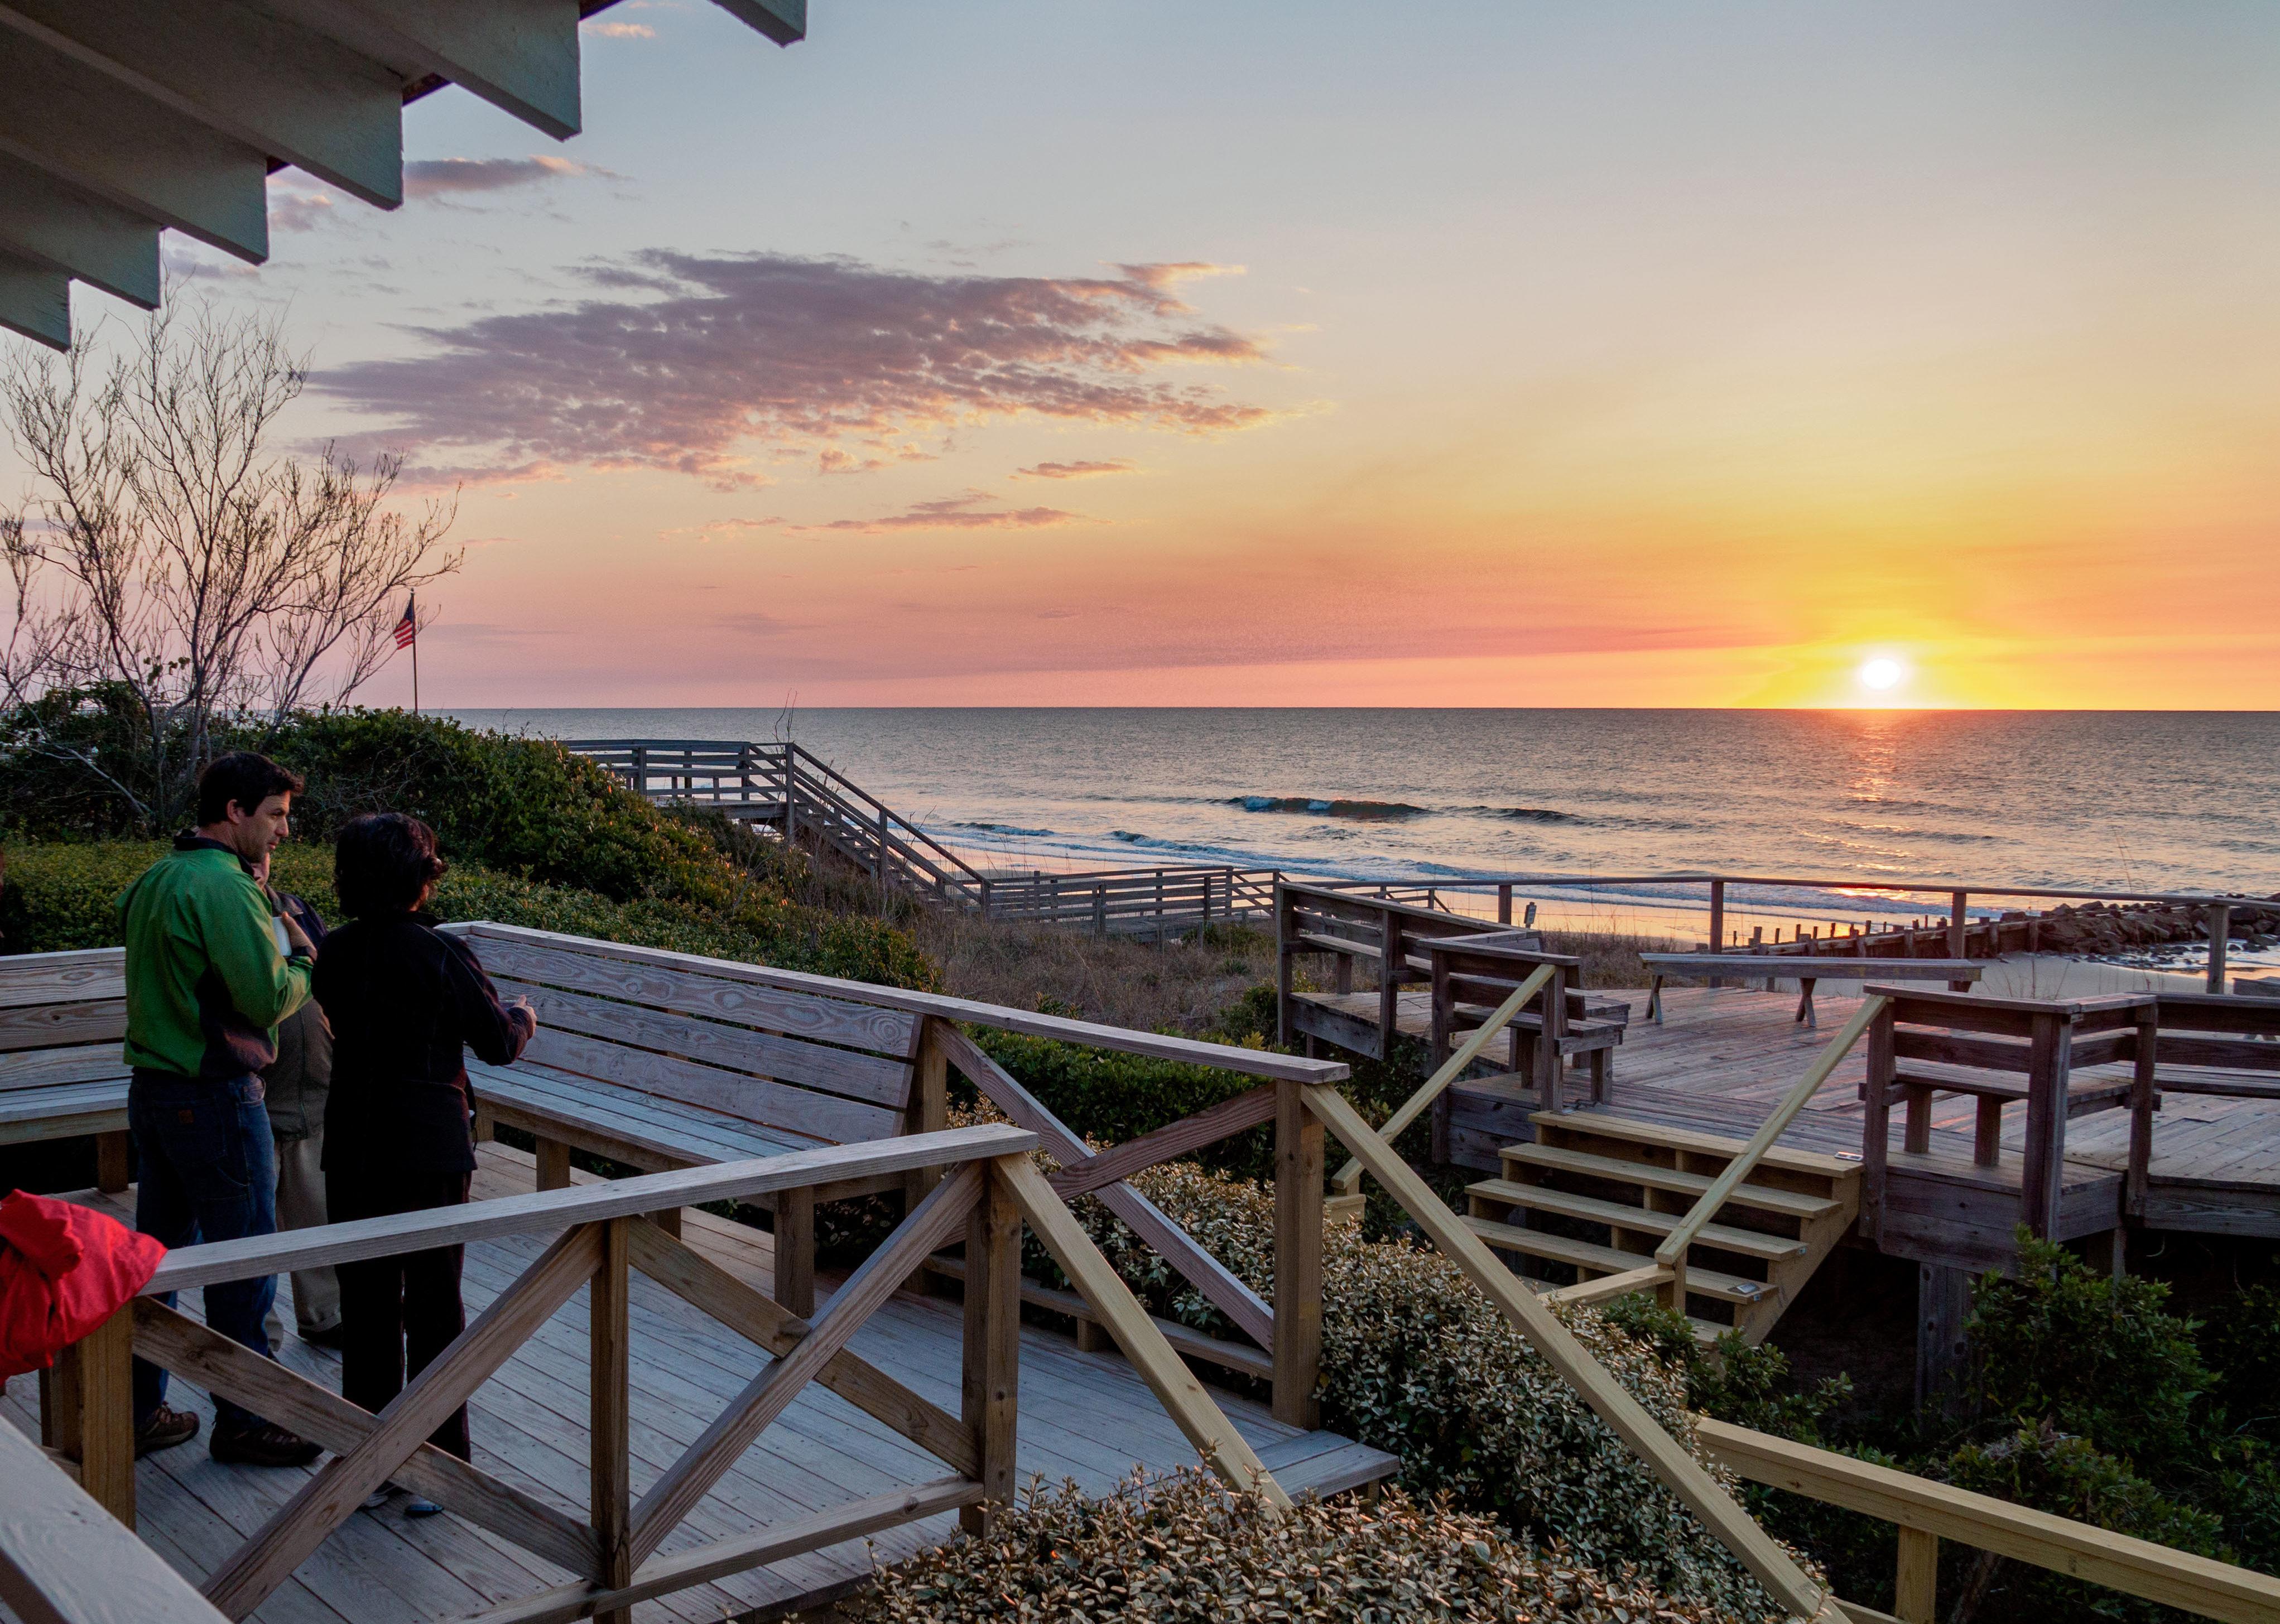 3 – Sea View Inn sunrise